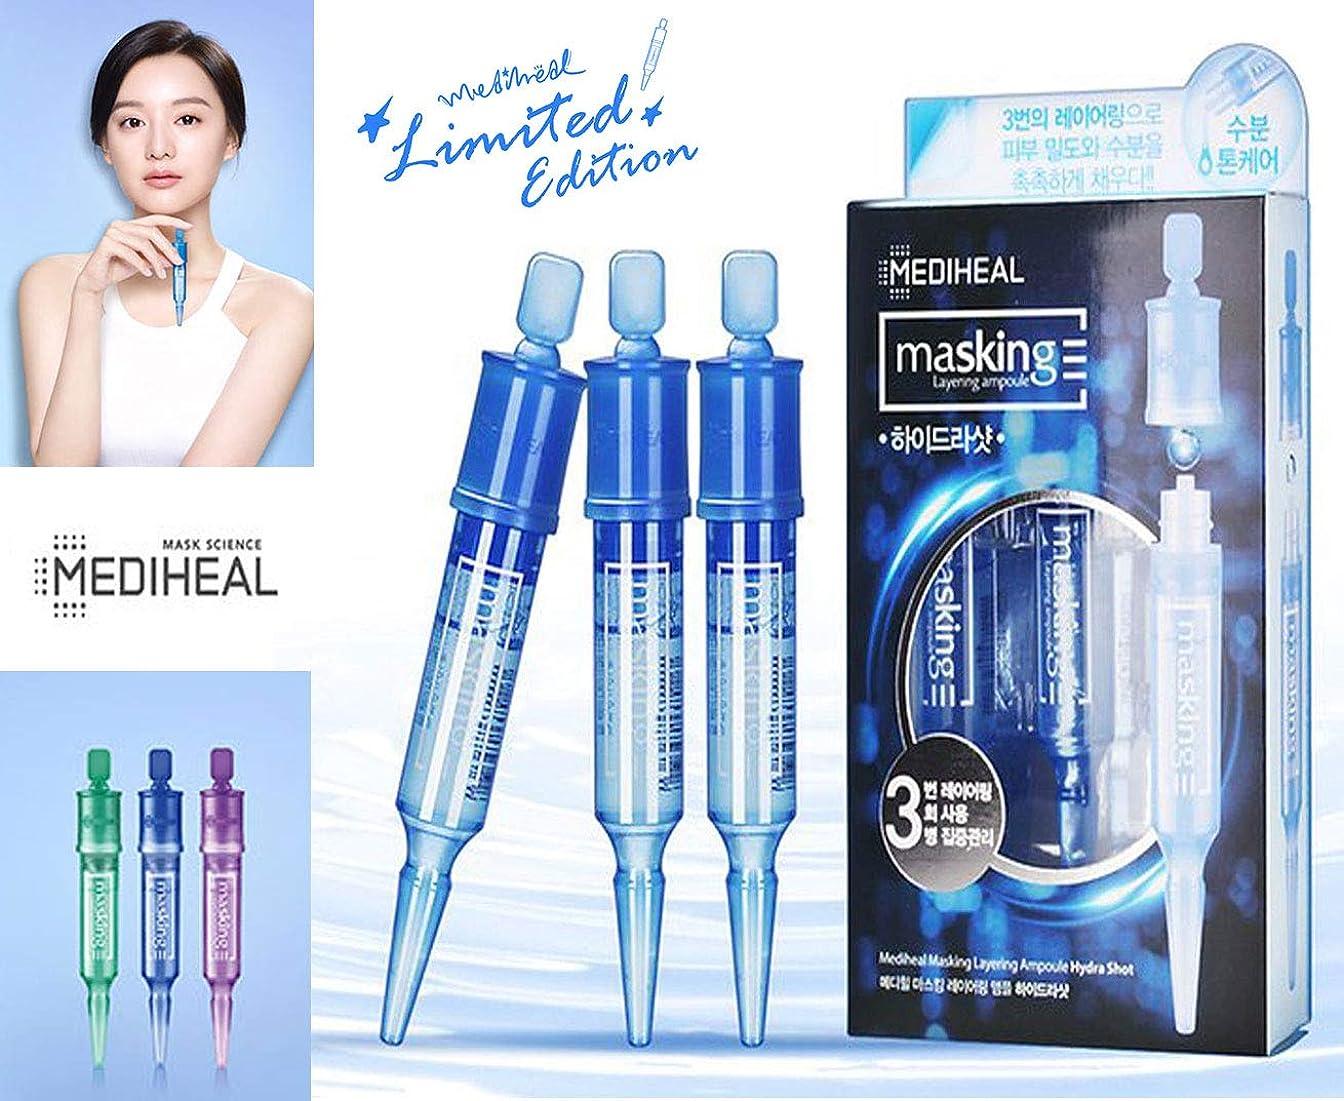 魔女十二敏感な[MEDIHEAL] マスキングレイヤリングアンプル4ml * 3個 (3BOX) / Masking Layering Ampoule 4ml*3ea / Hydra Shot/濃度、湿気/Density, Moisture/韓国の化粧品/Korean Cosmetics [並行輸入品]